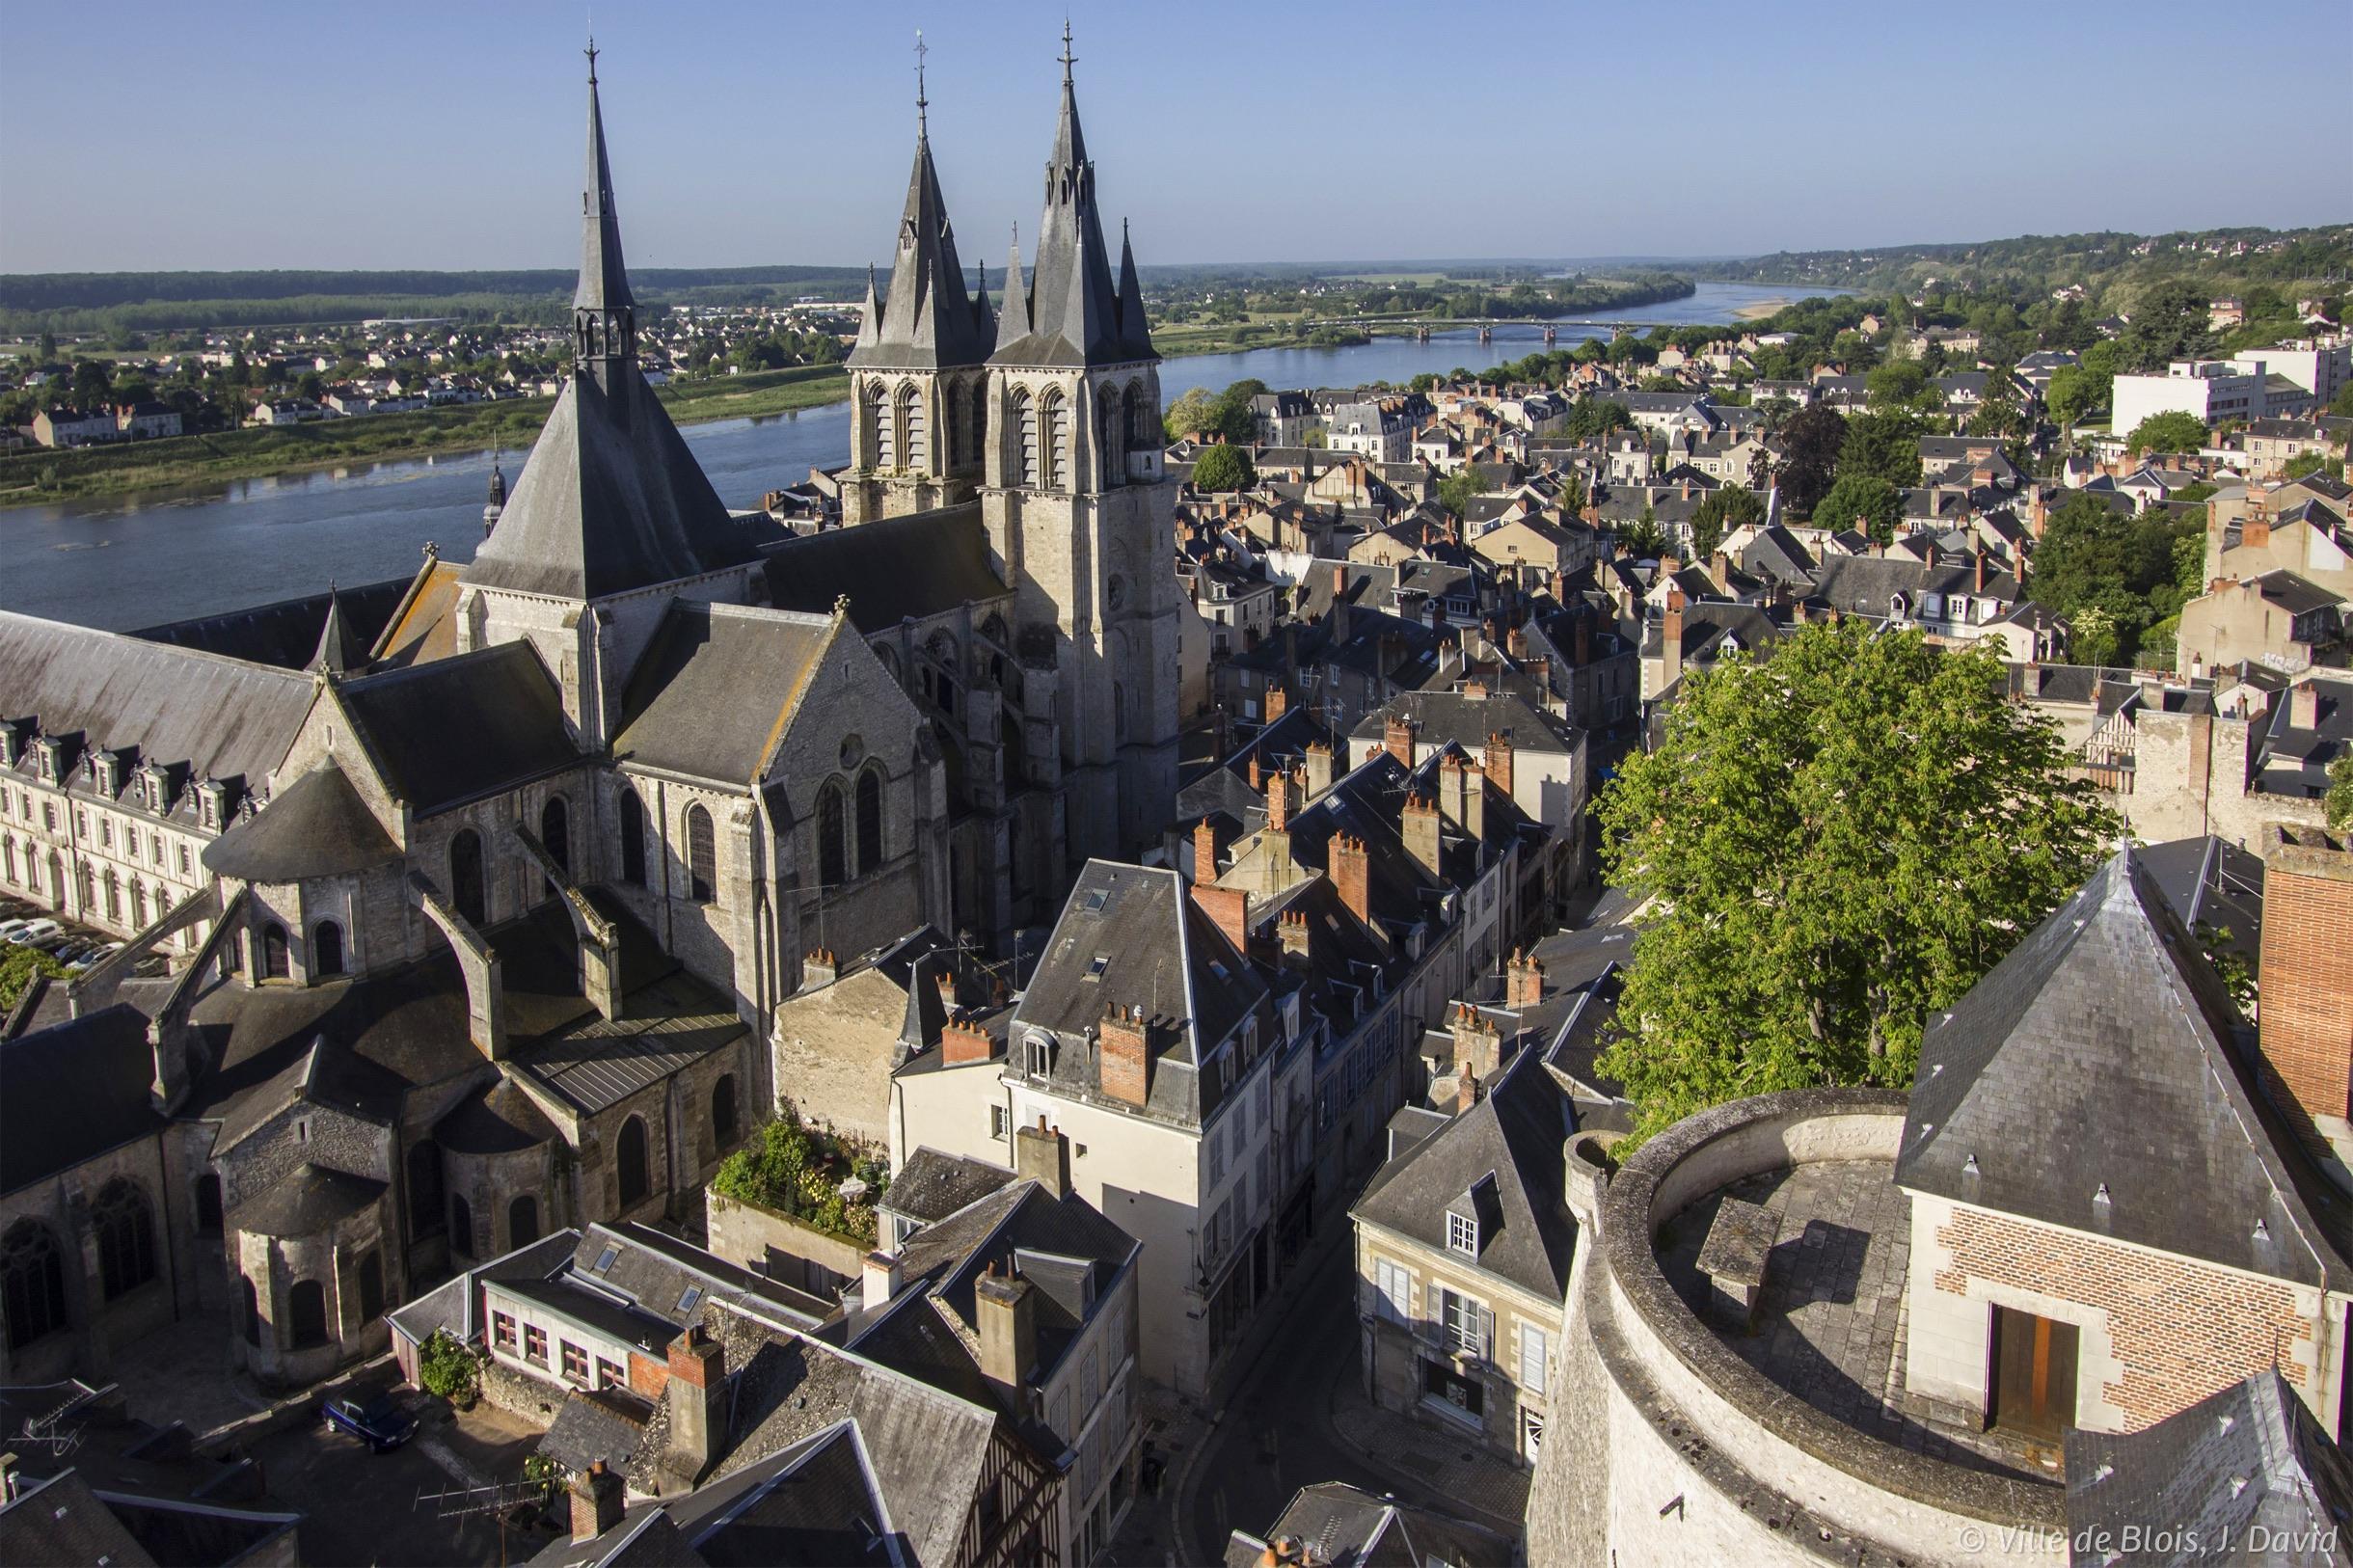 L'église Saint-Nicolas, depuis les terrasses du Foix, avec la Loire en arrière-plan.